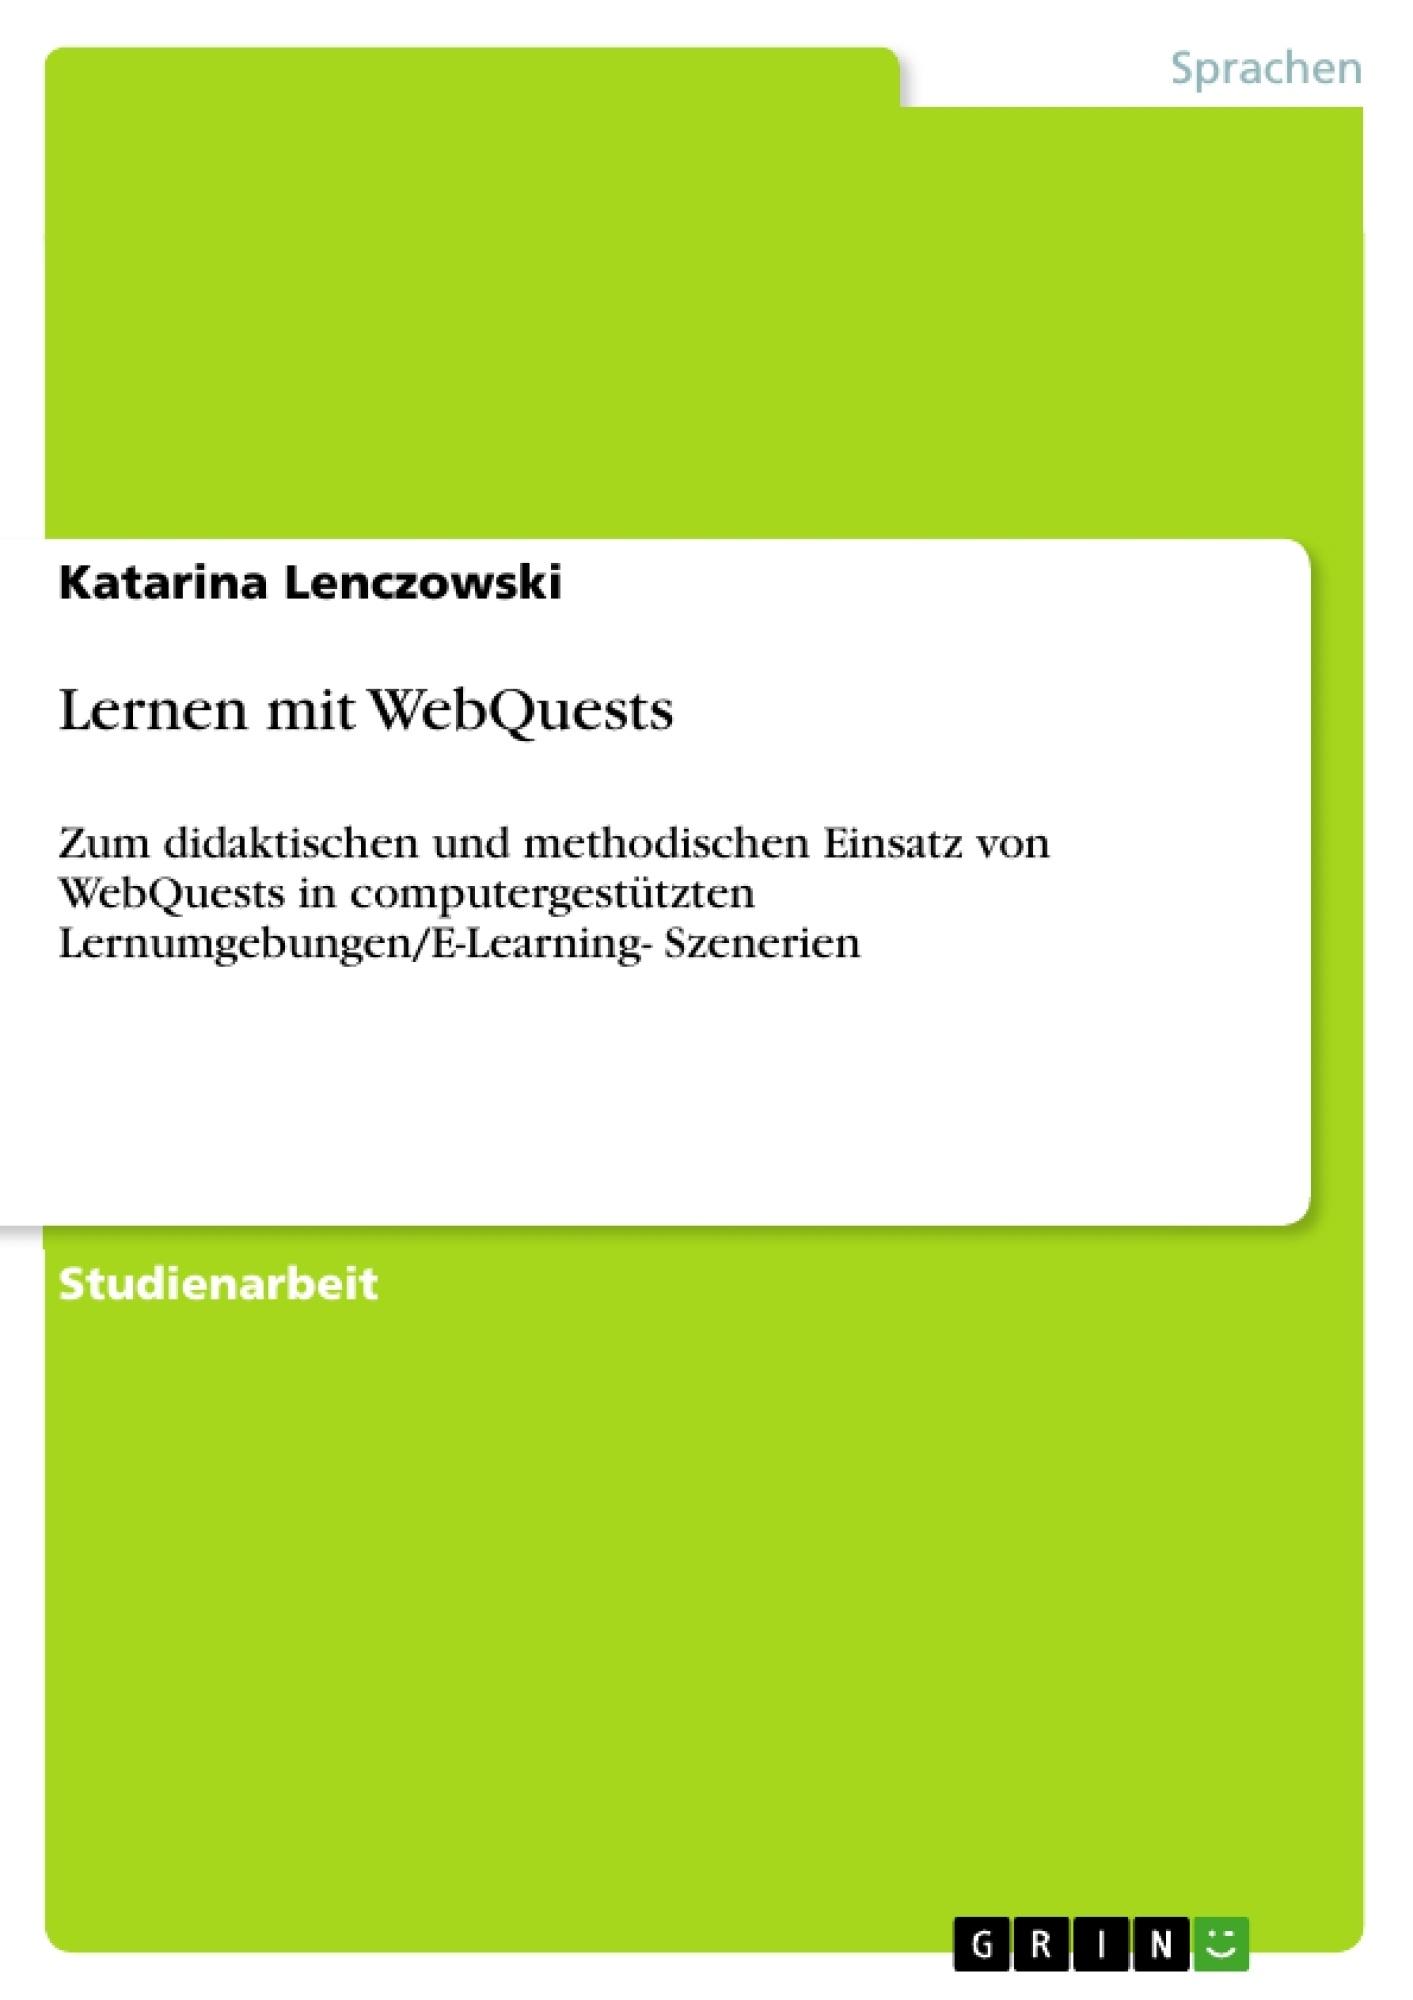 Titel: Lernen mit WebQuests